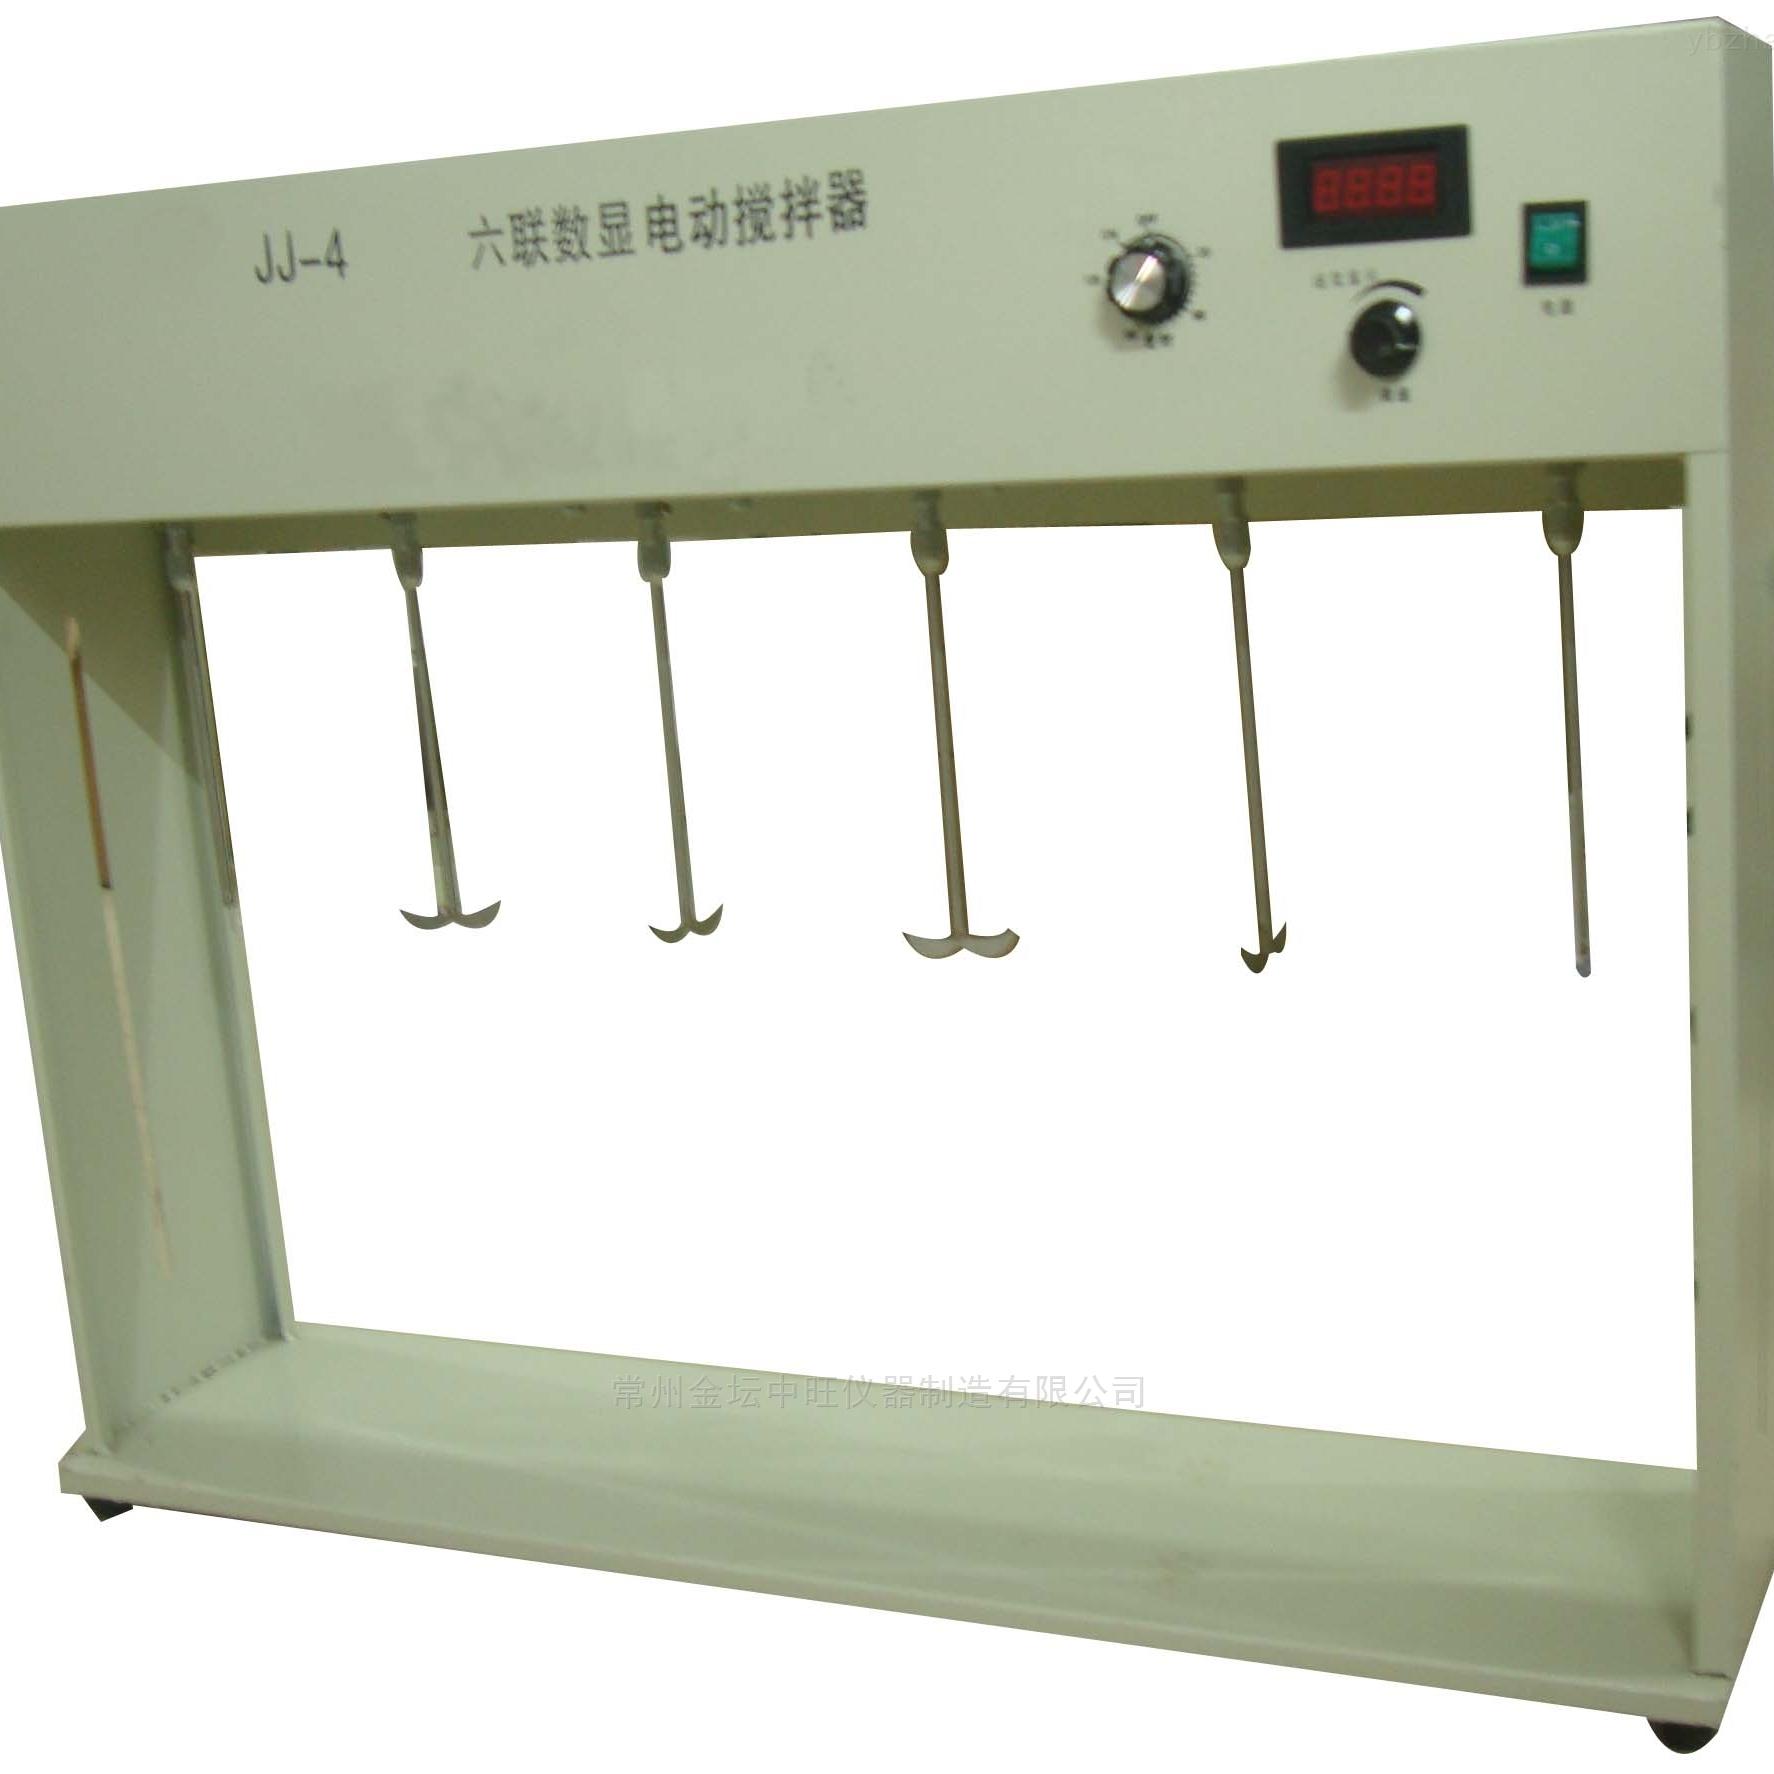 同步电动搅拌器厂